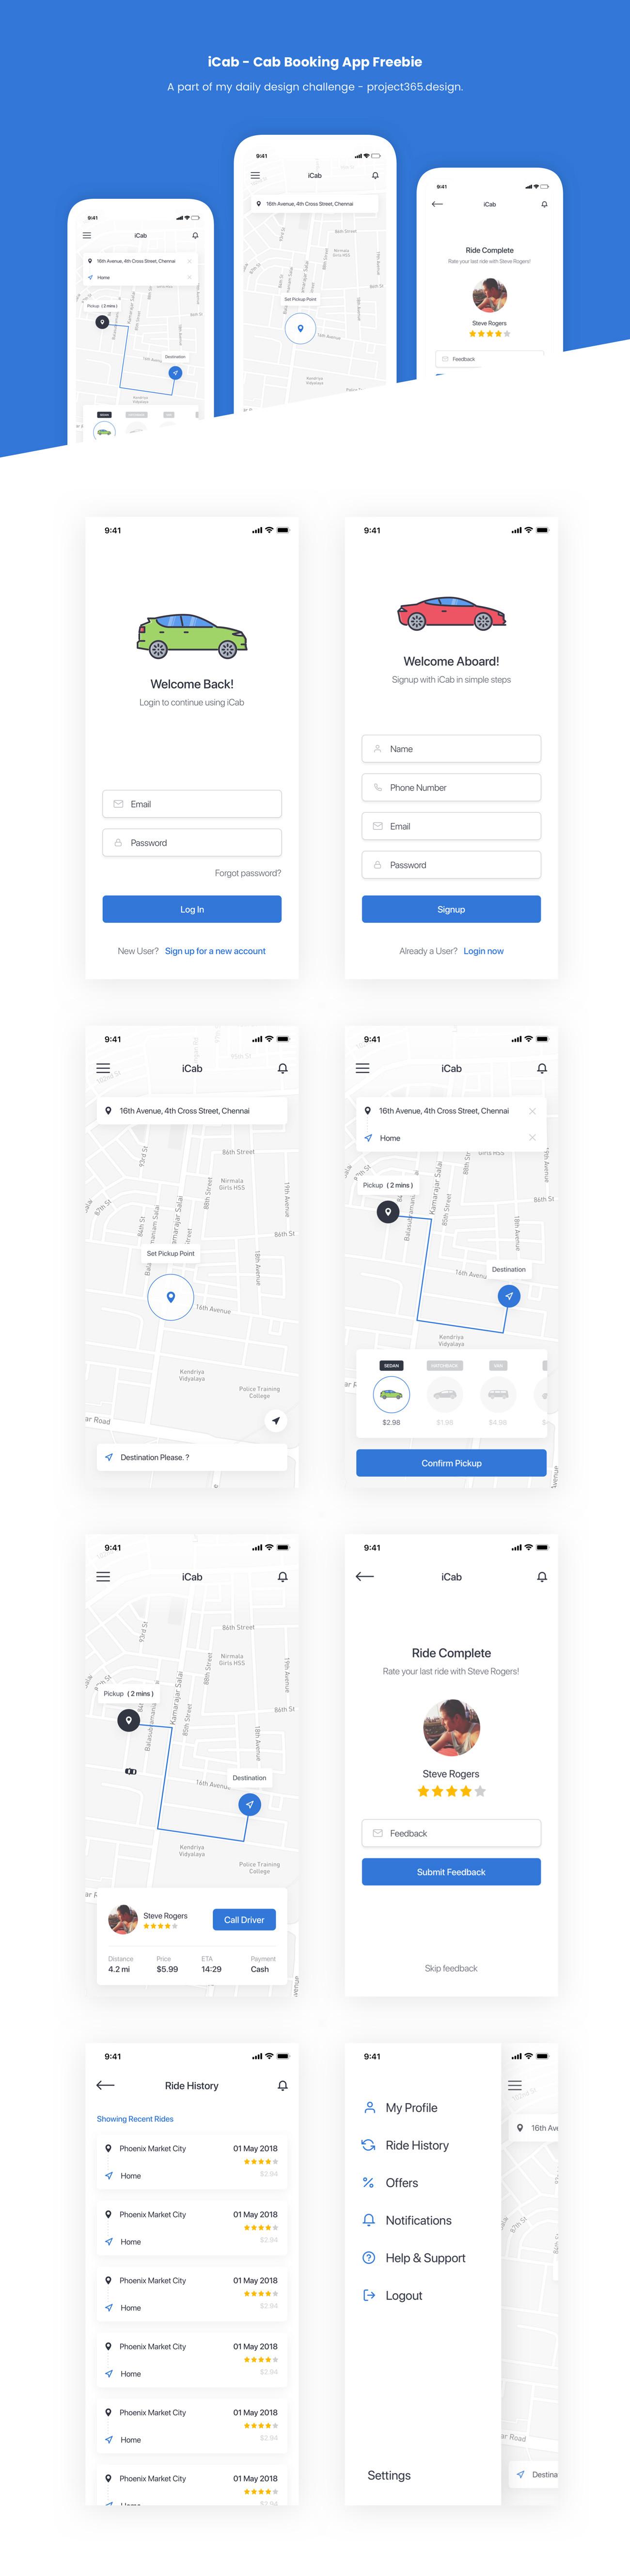 共享汽车租赁平台预订移动应用界面